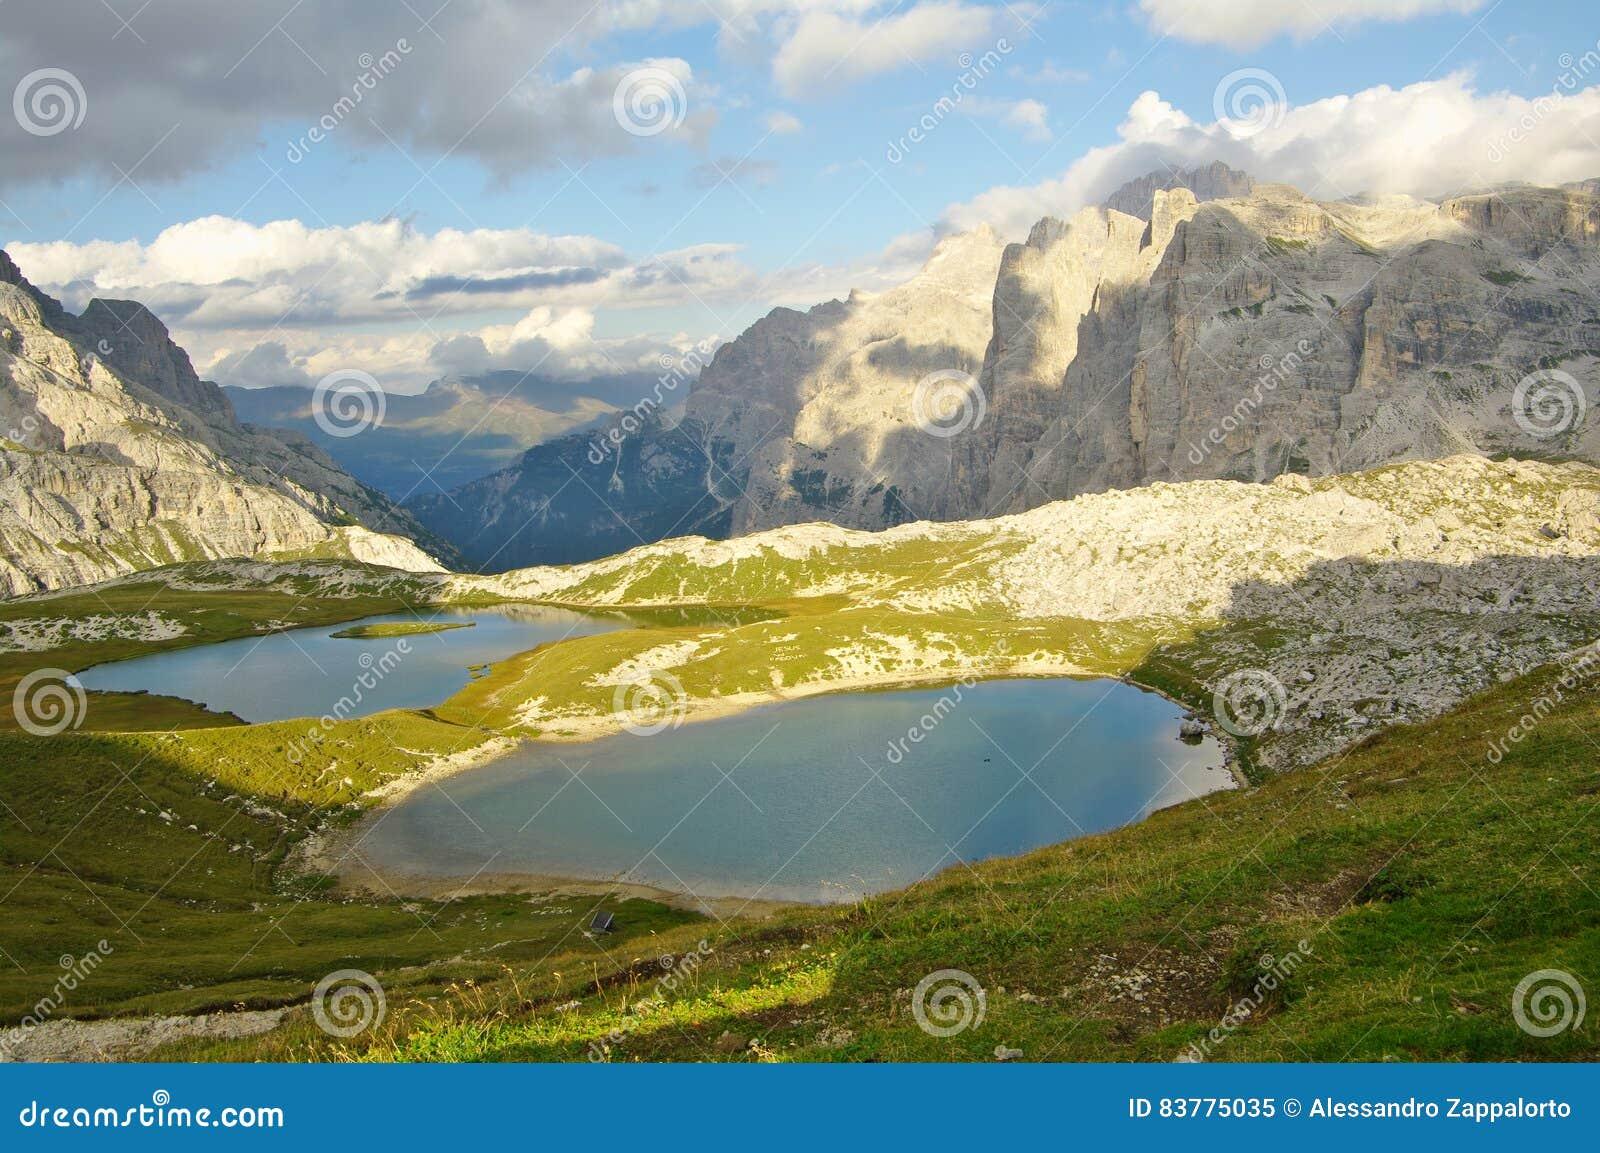 Il dei piani laghi di laghi della montagna si avvicina al for Camminare in piani di progettazione dispensa